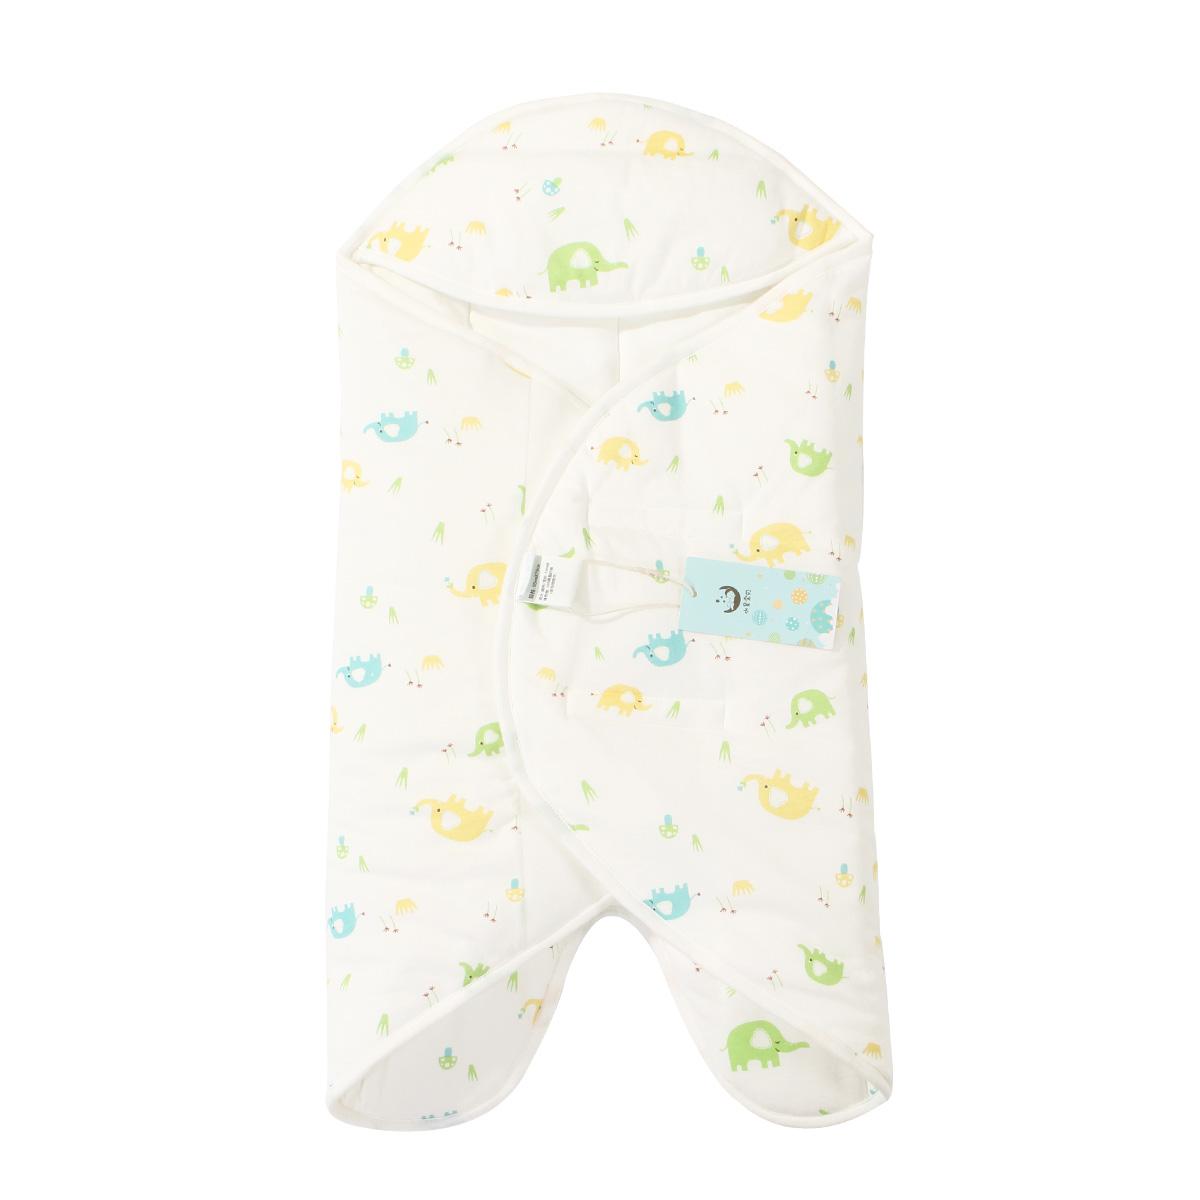 水星宝贝 Baby蝴蝶抱被 新生儿抱被全棉婴儿包被秋冬宝宝用品